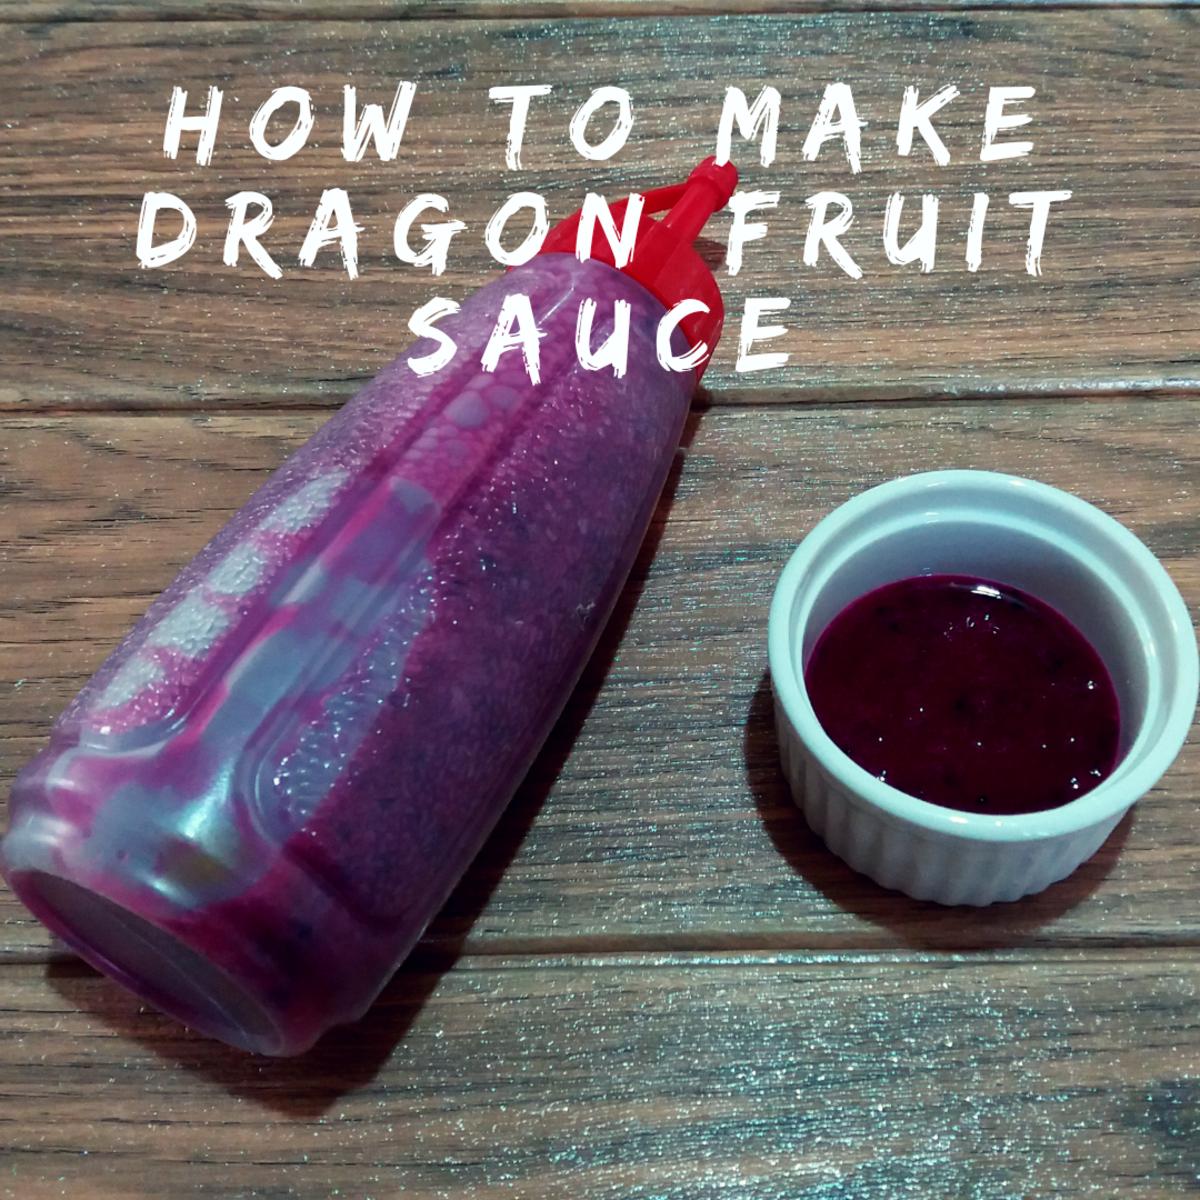 how to make dragon fruit sauce